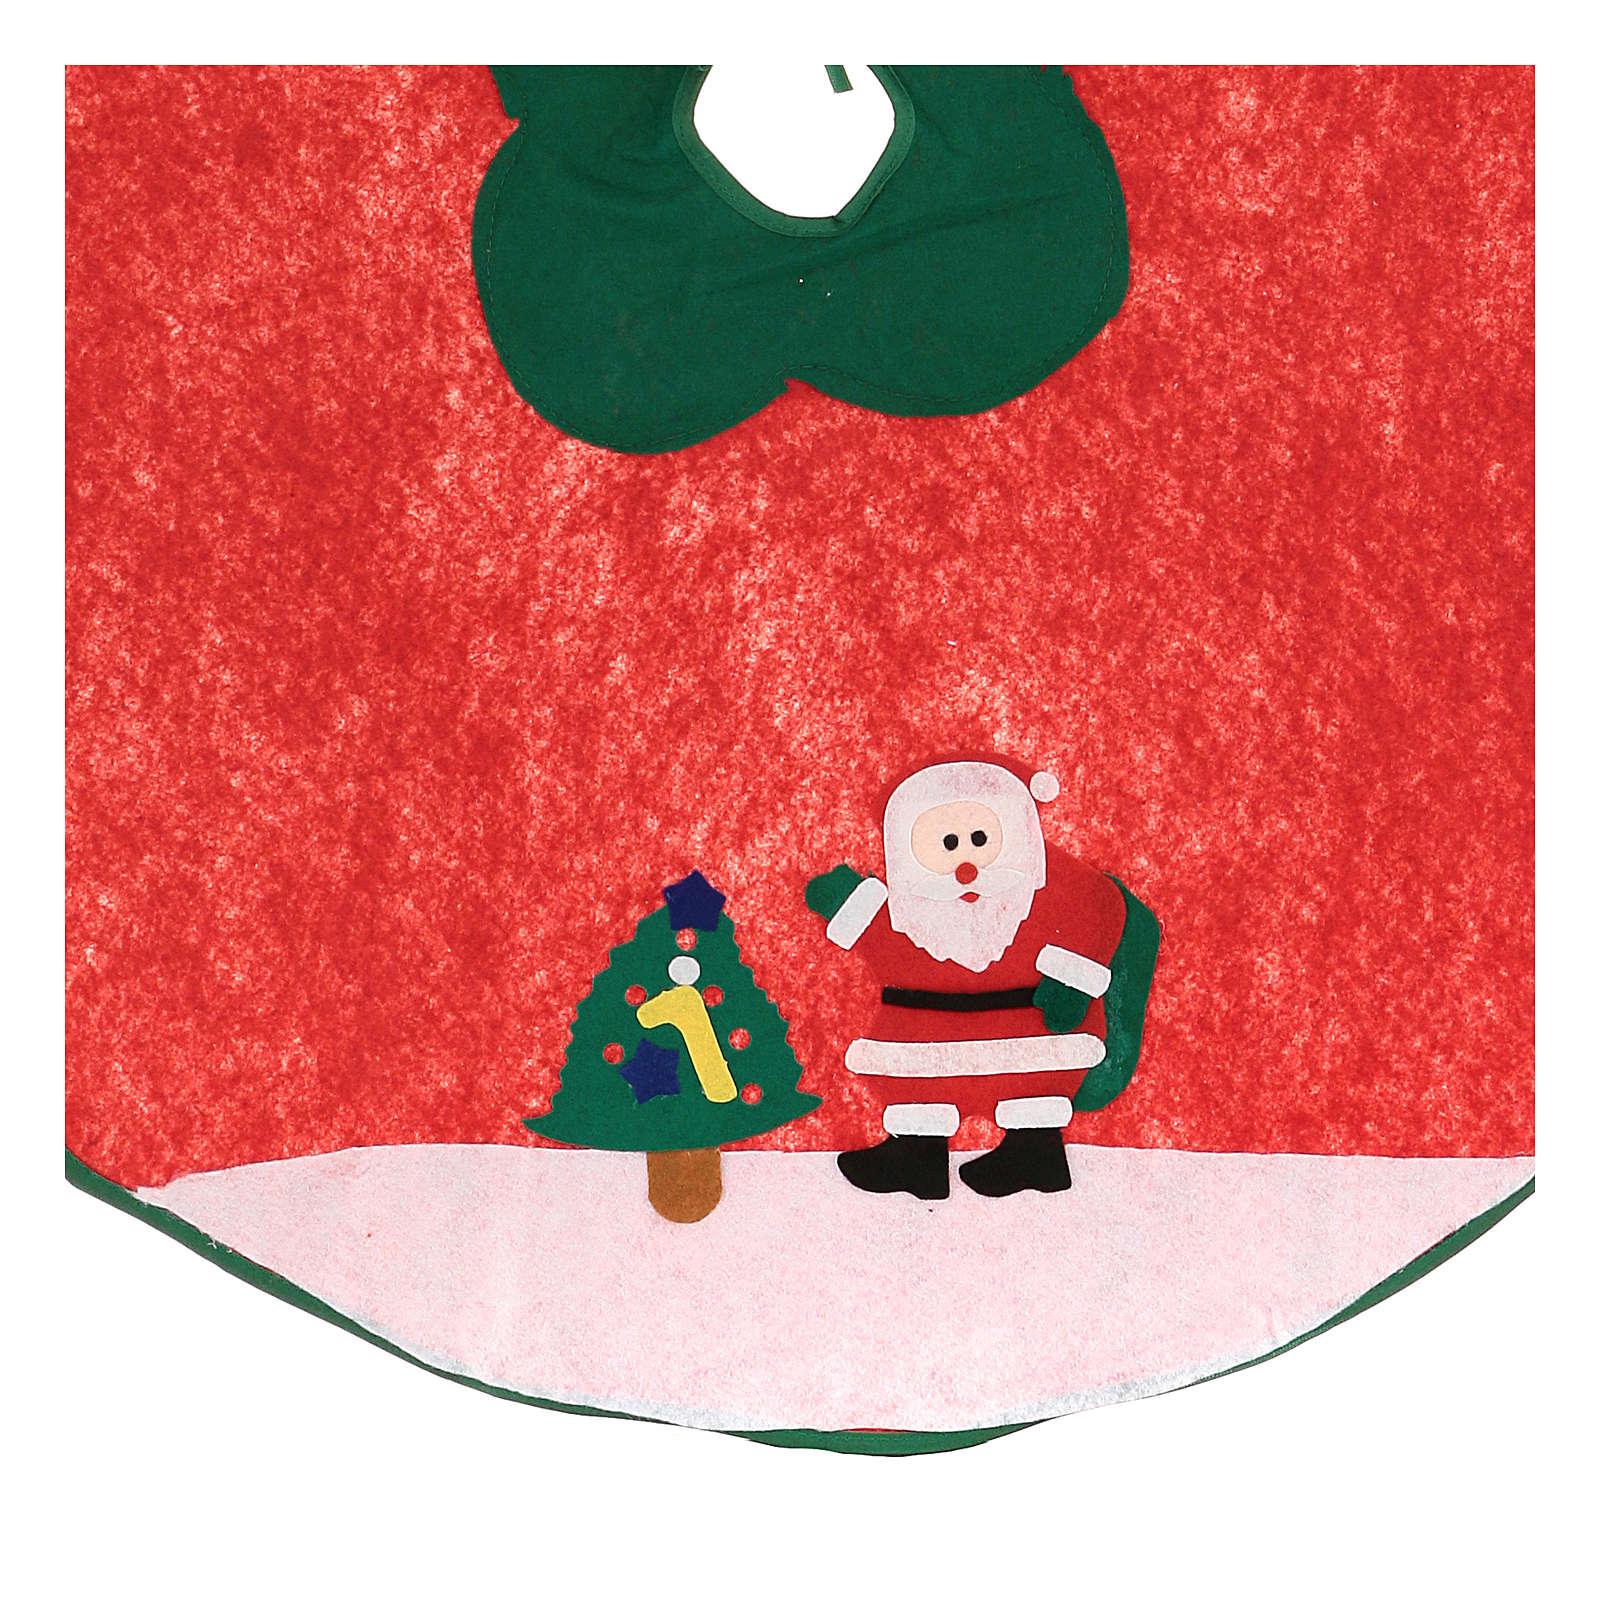 Falda cubre base Árbol de Navidad Papá Noel y arbolito 100 cm 3